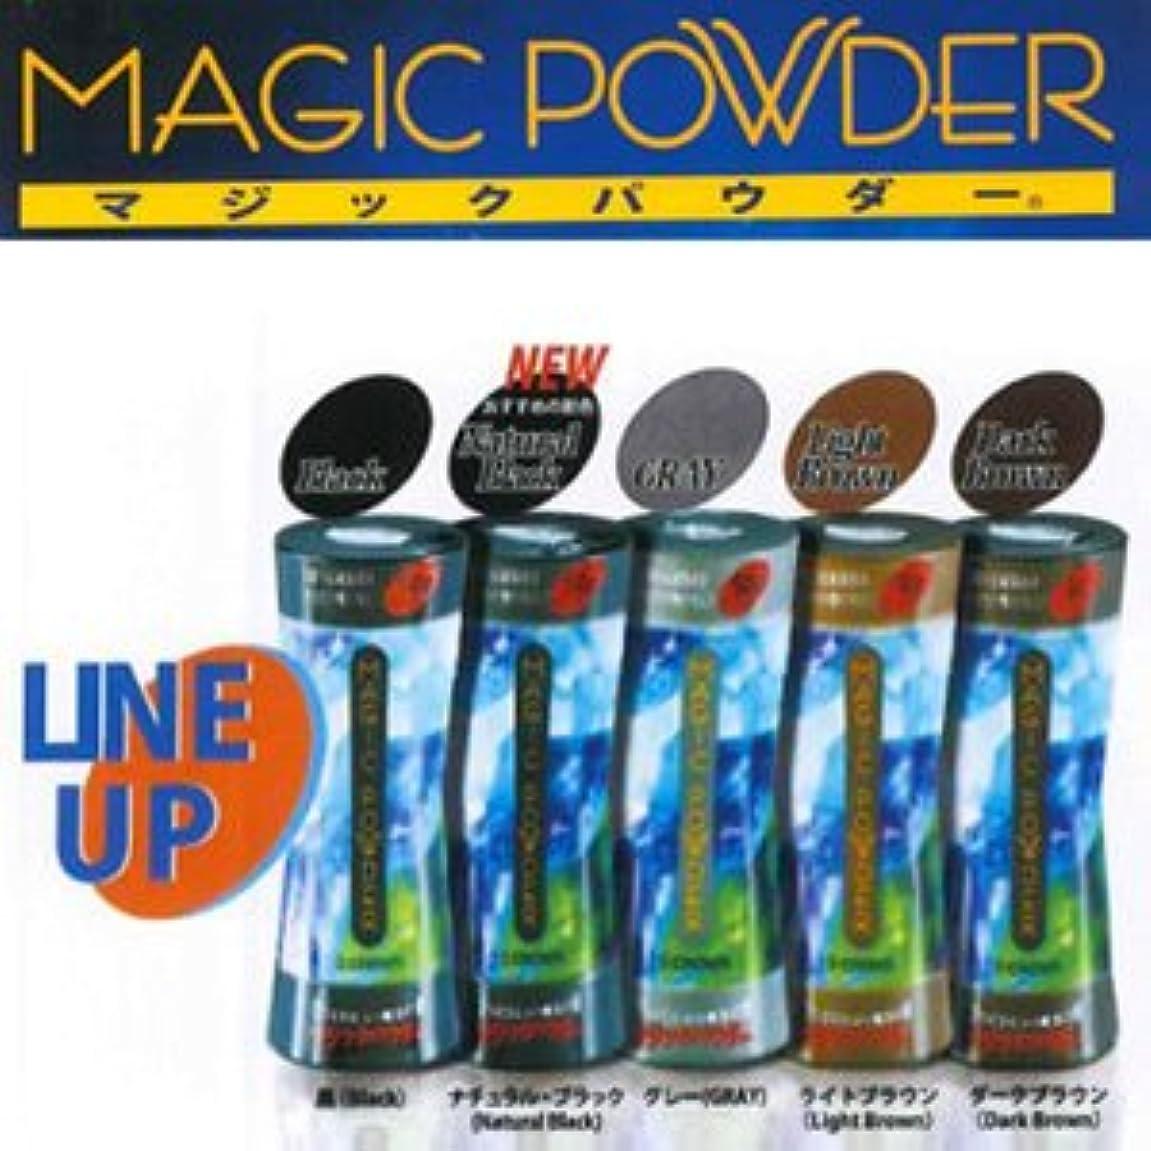 レビュー案件言語MAGIC POWDER マジックパウダー ライトブラウン 50g 2個セット ※貴方の髪を簡単ボリュームアップ!